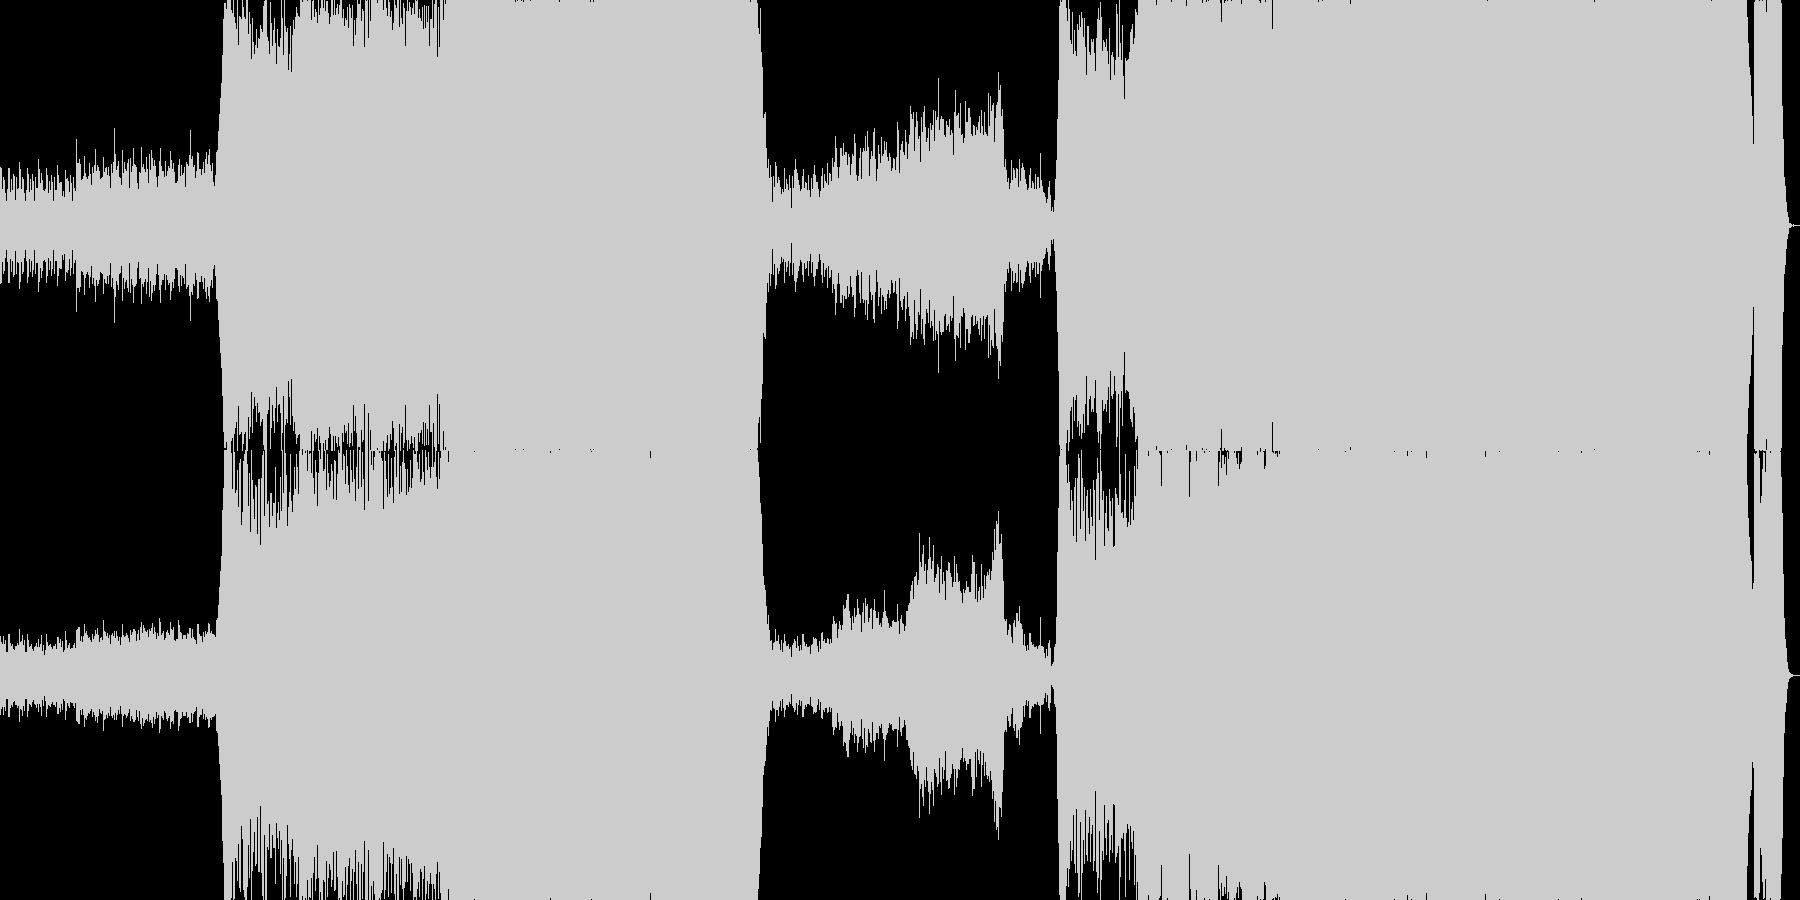 疾走感のあるオーケストラ曲の未再生の波形